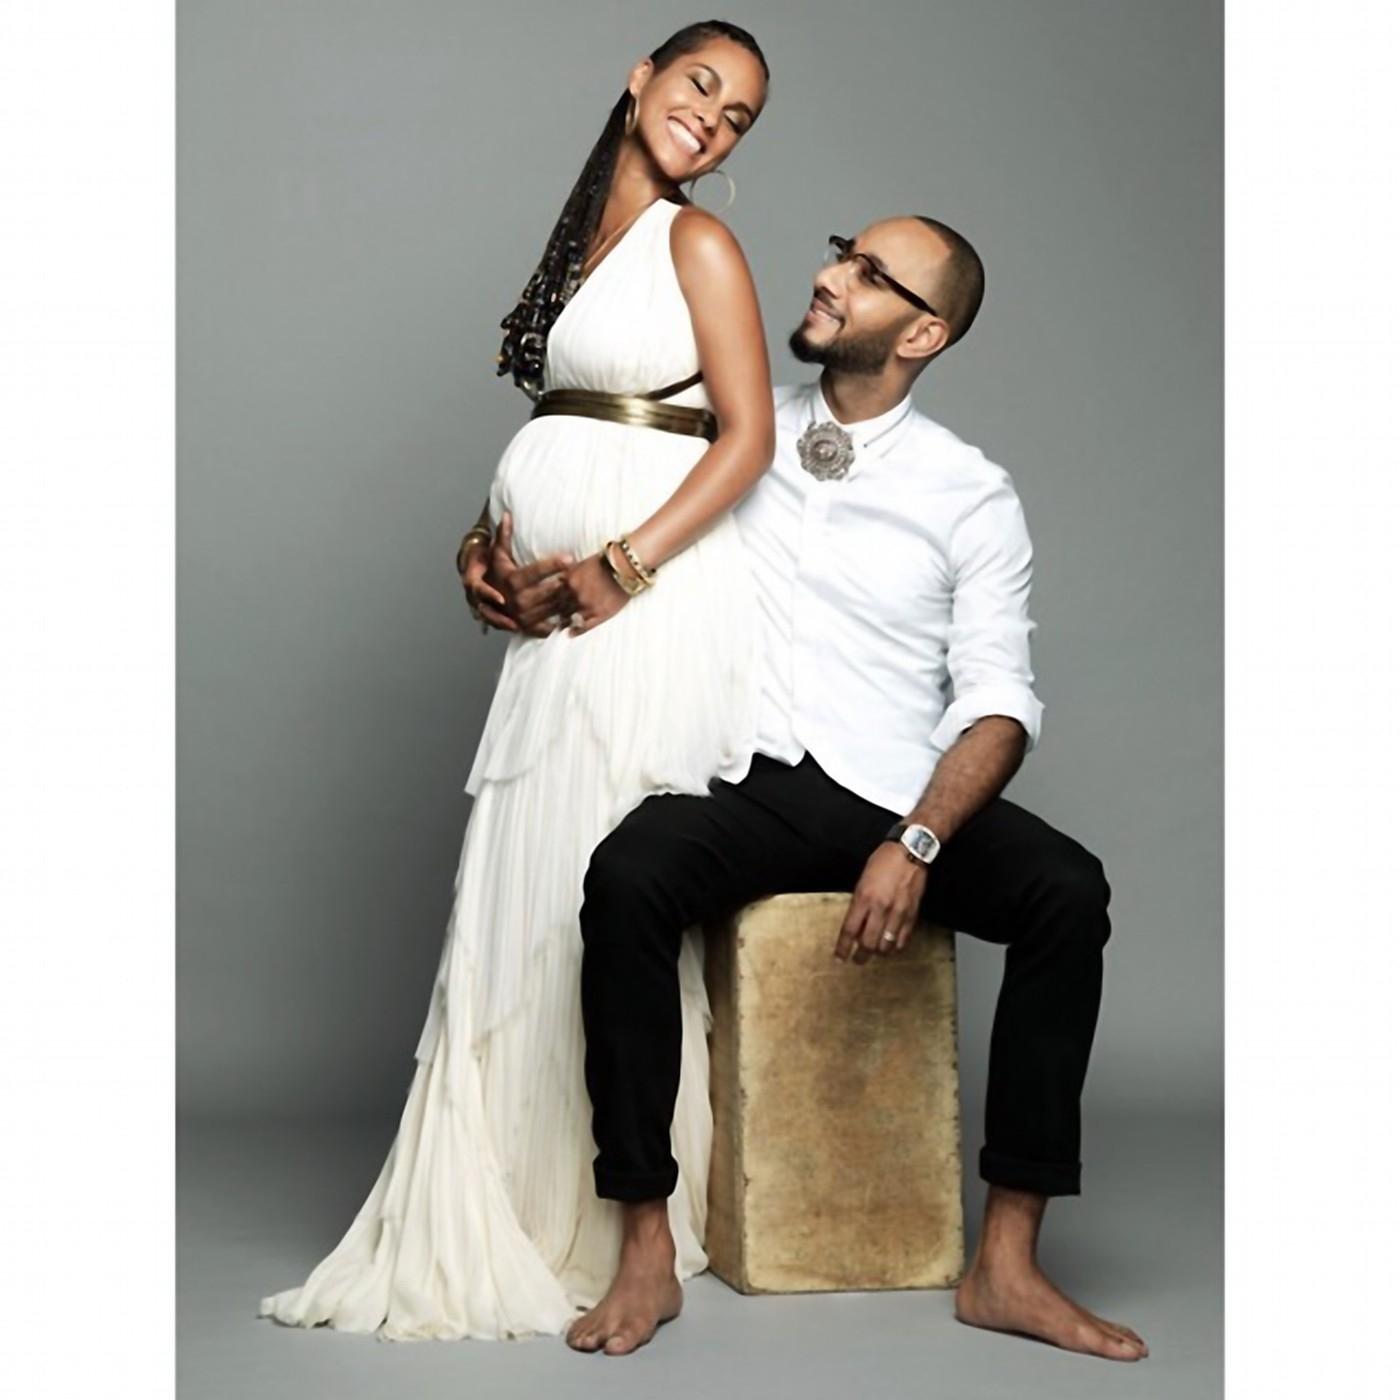 Második gyermekével várandós Alicia Keys - fotó